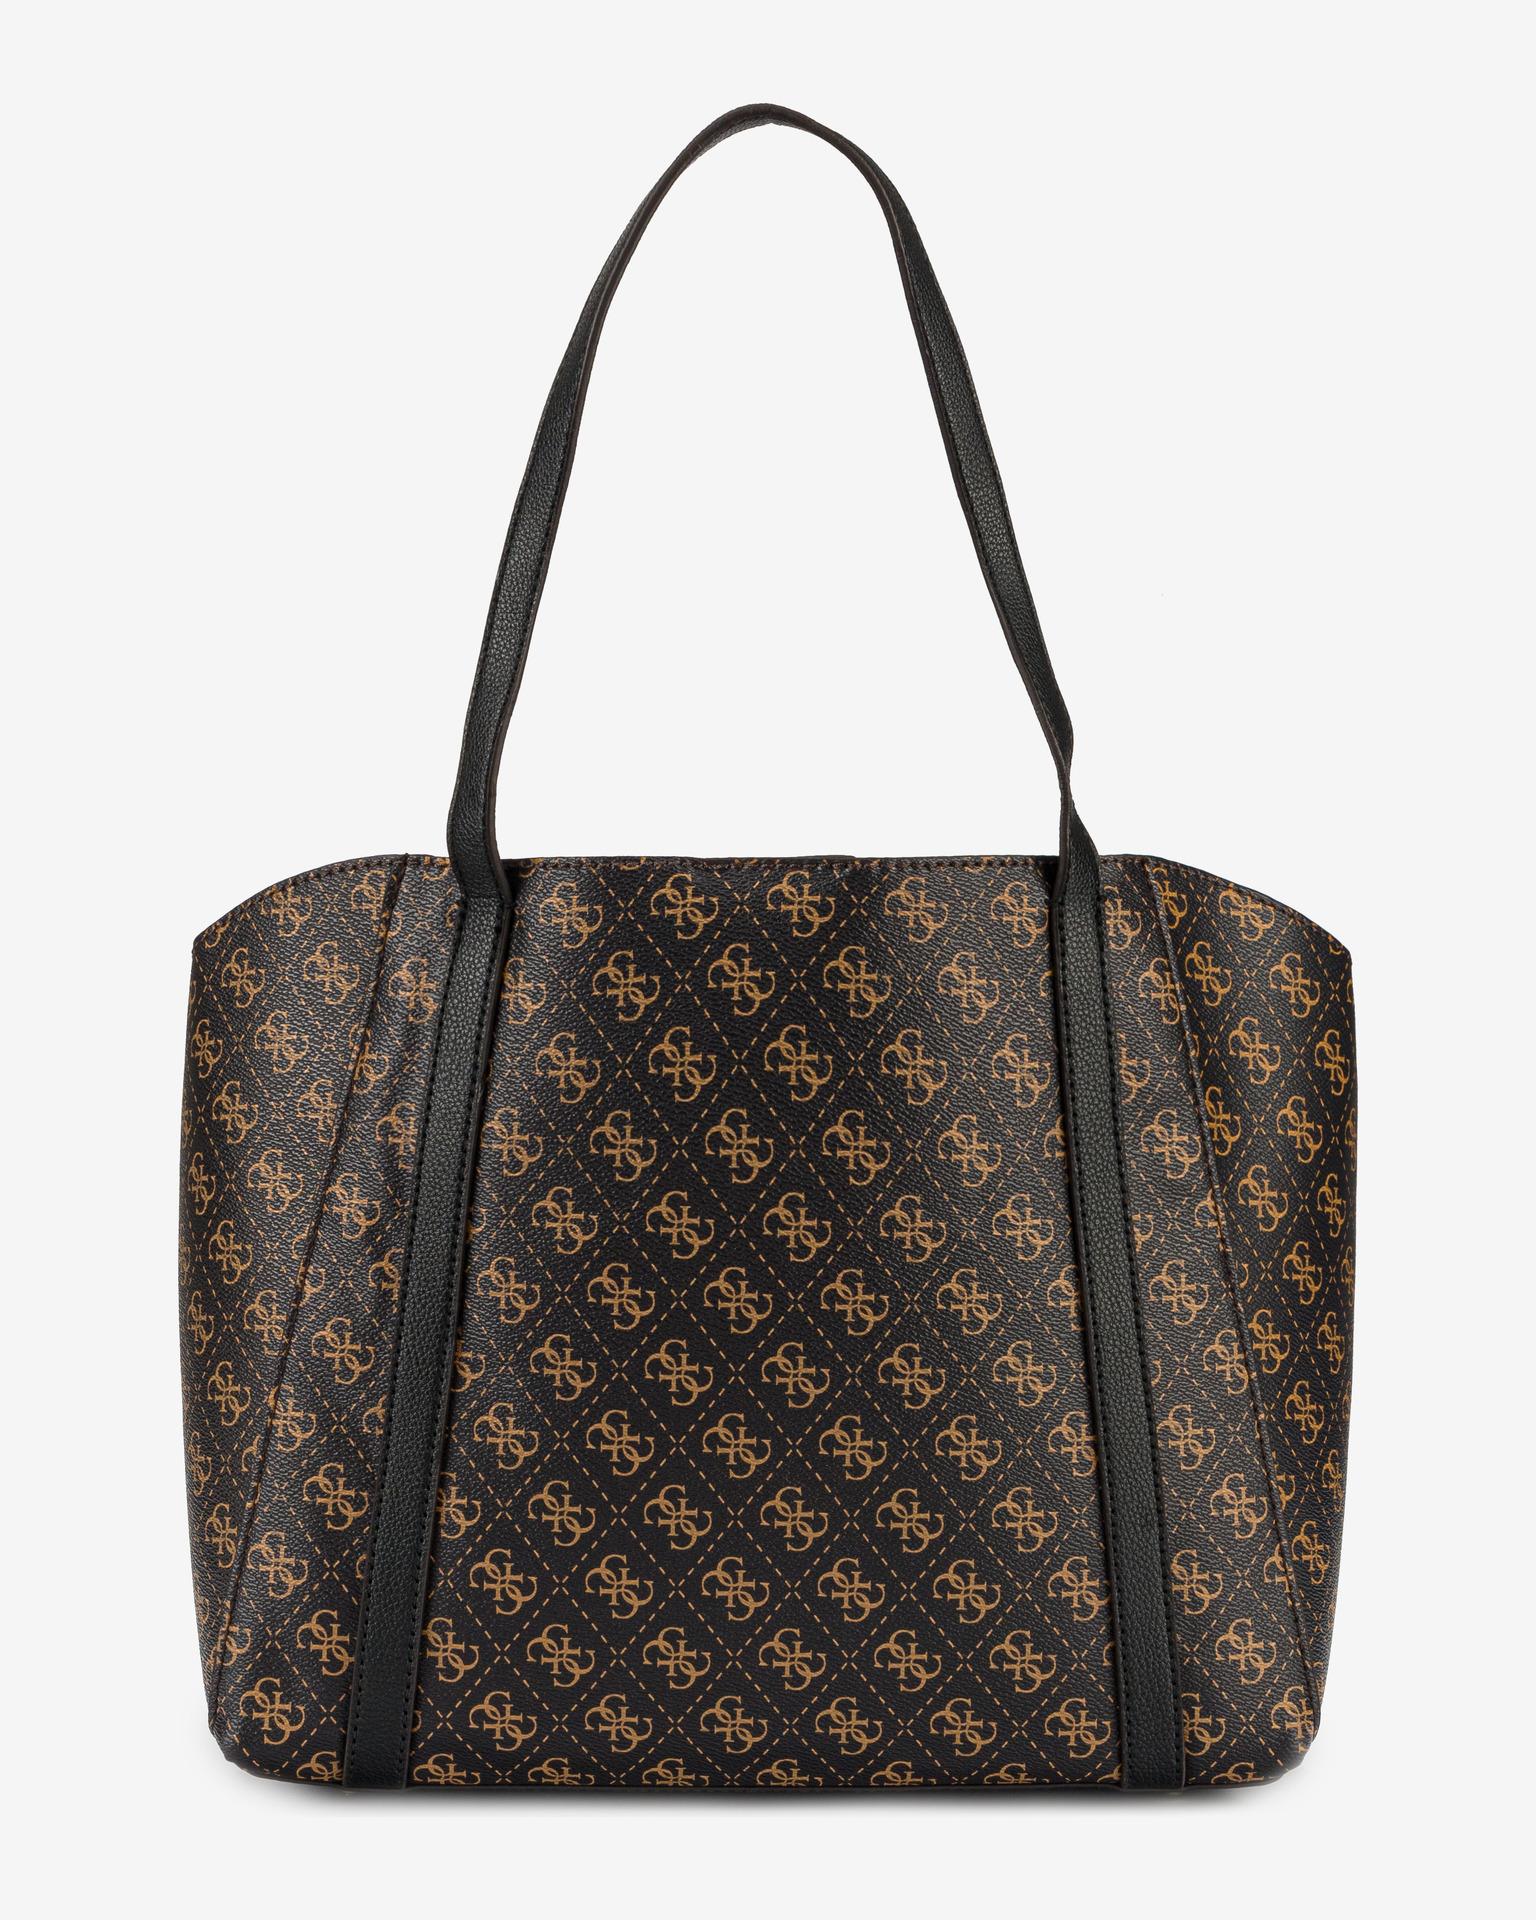 Guess brown handbag Naya Trap